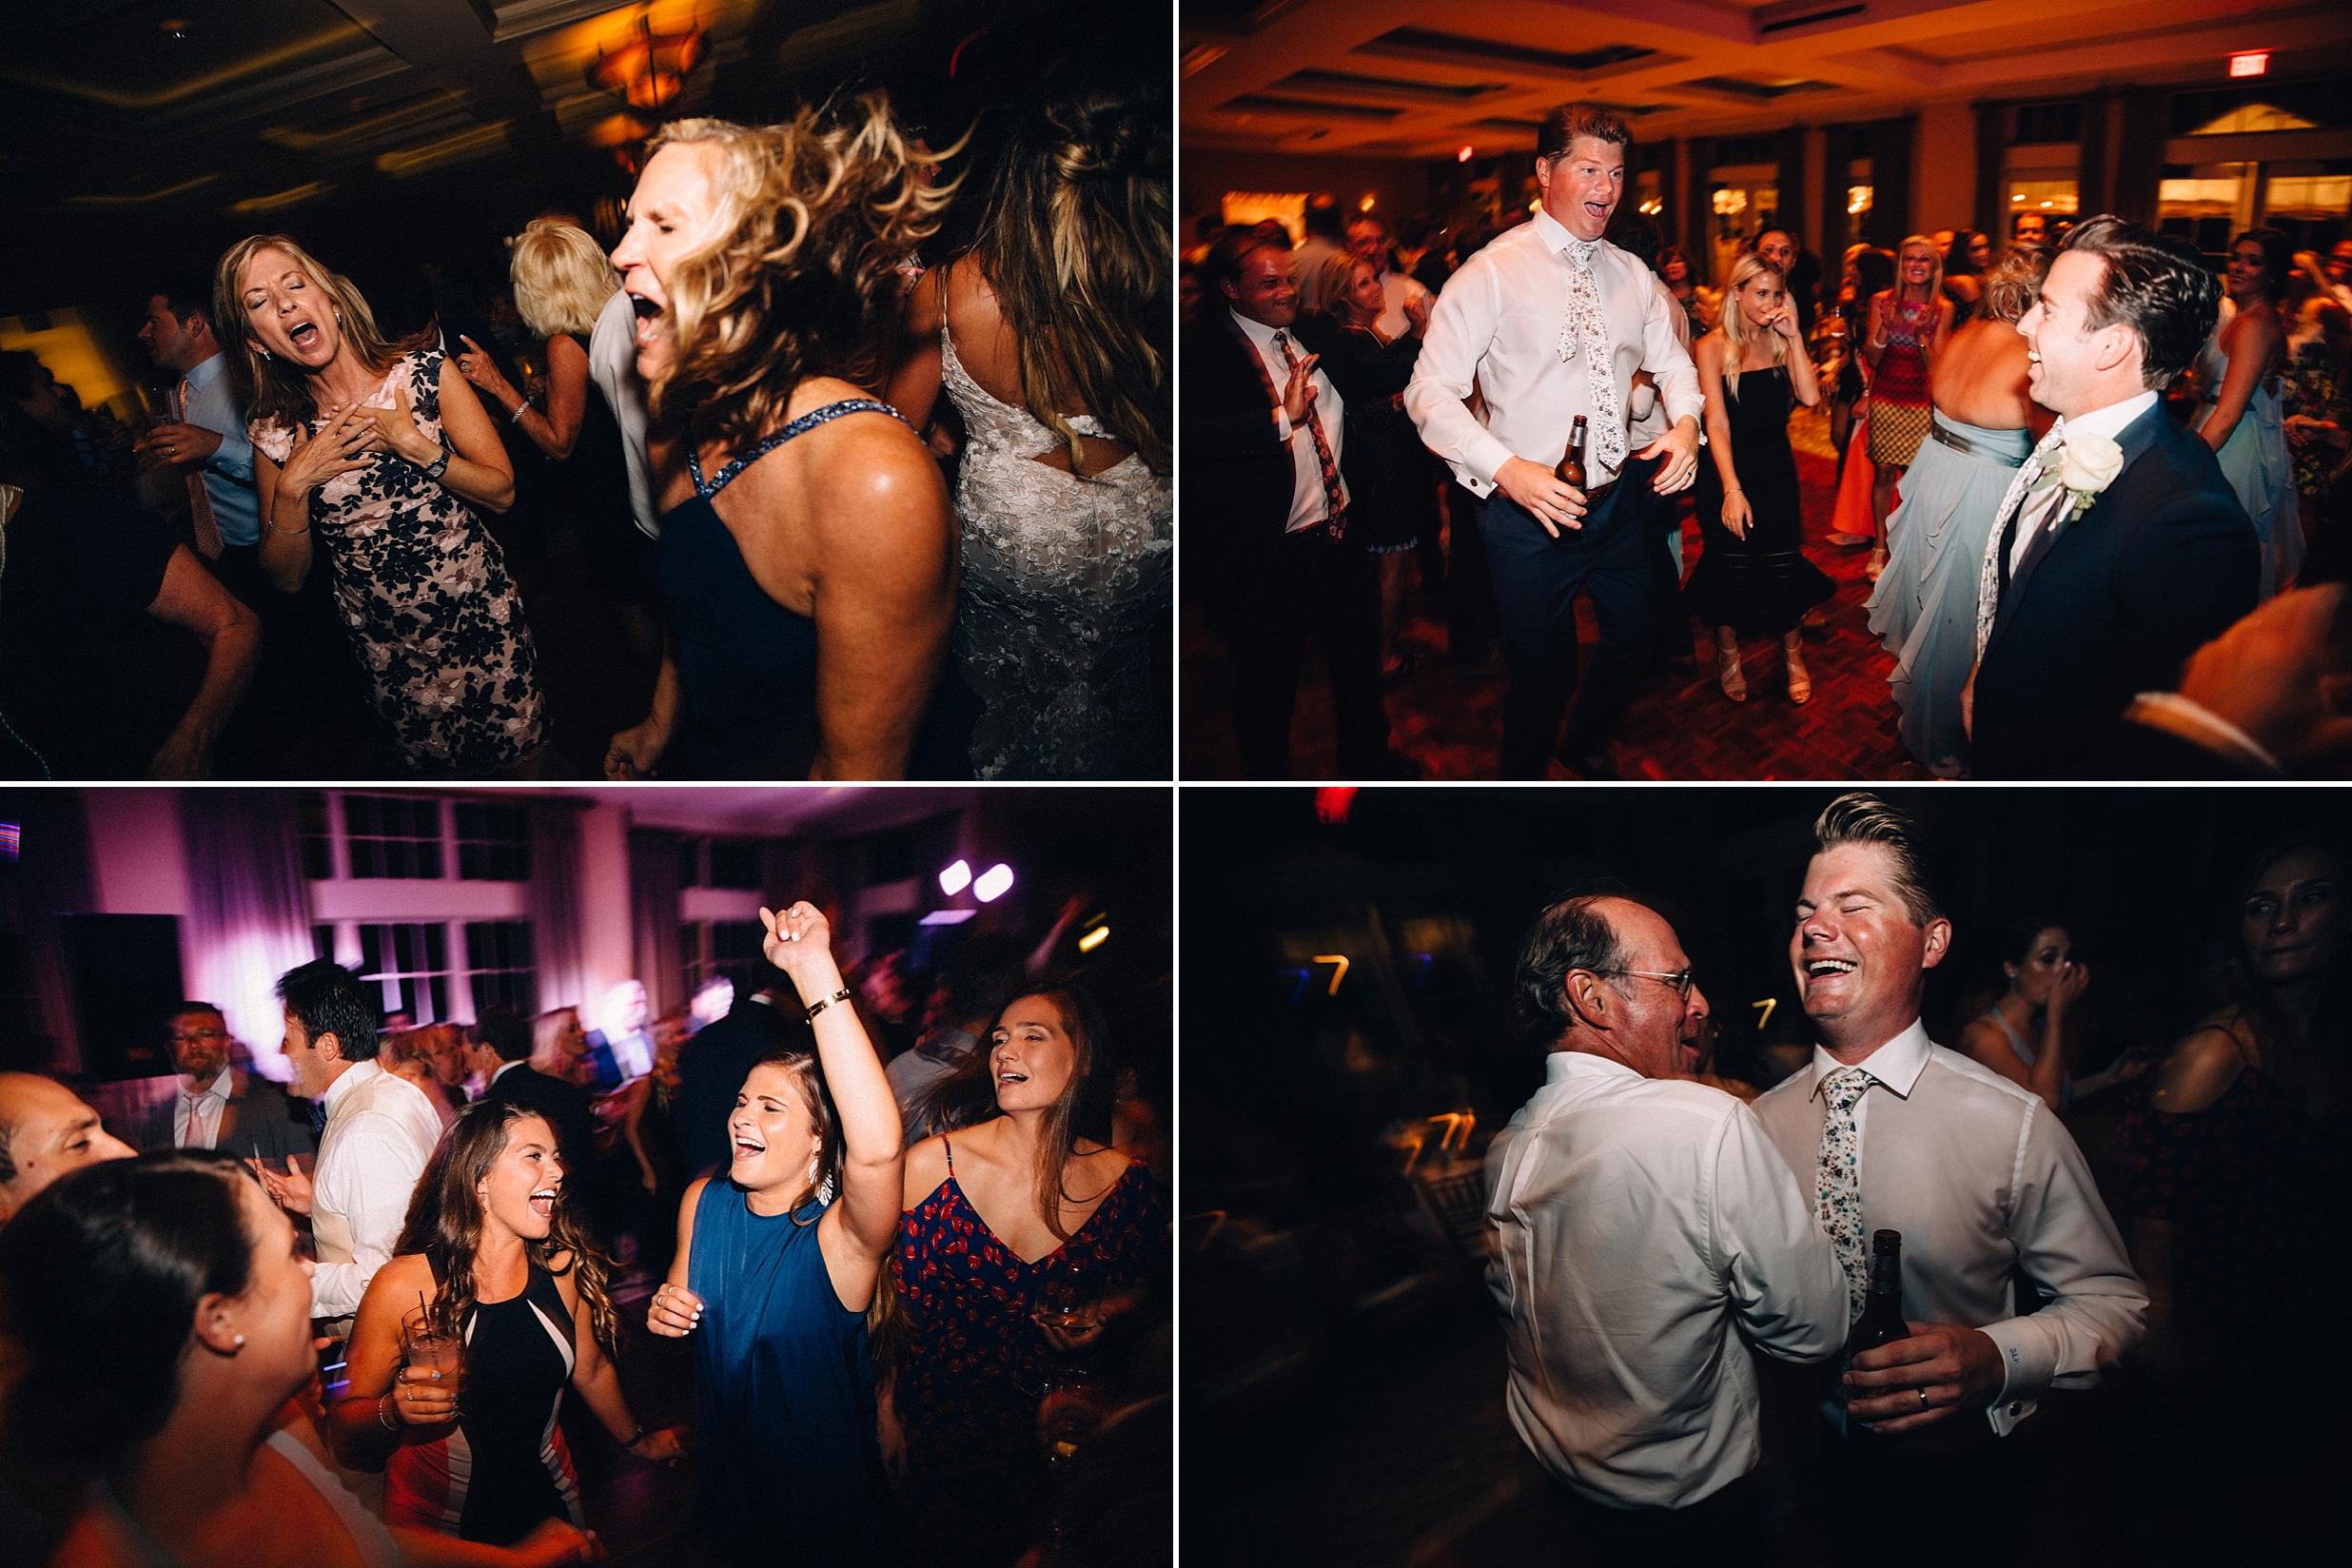 jersey-outdoor-ceremony-wedding-navasink-monmouth-rumson_0069.jpg